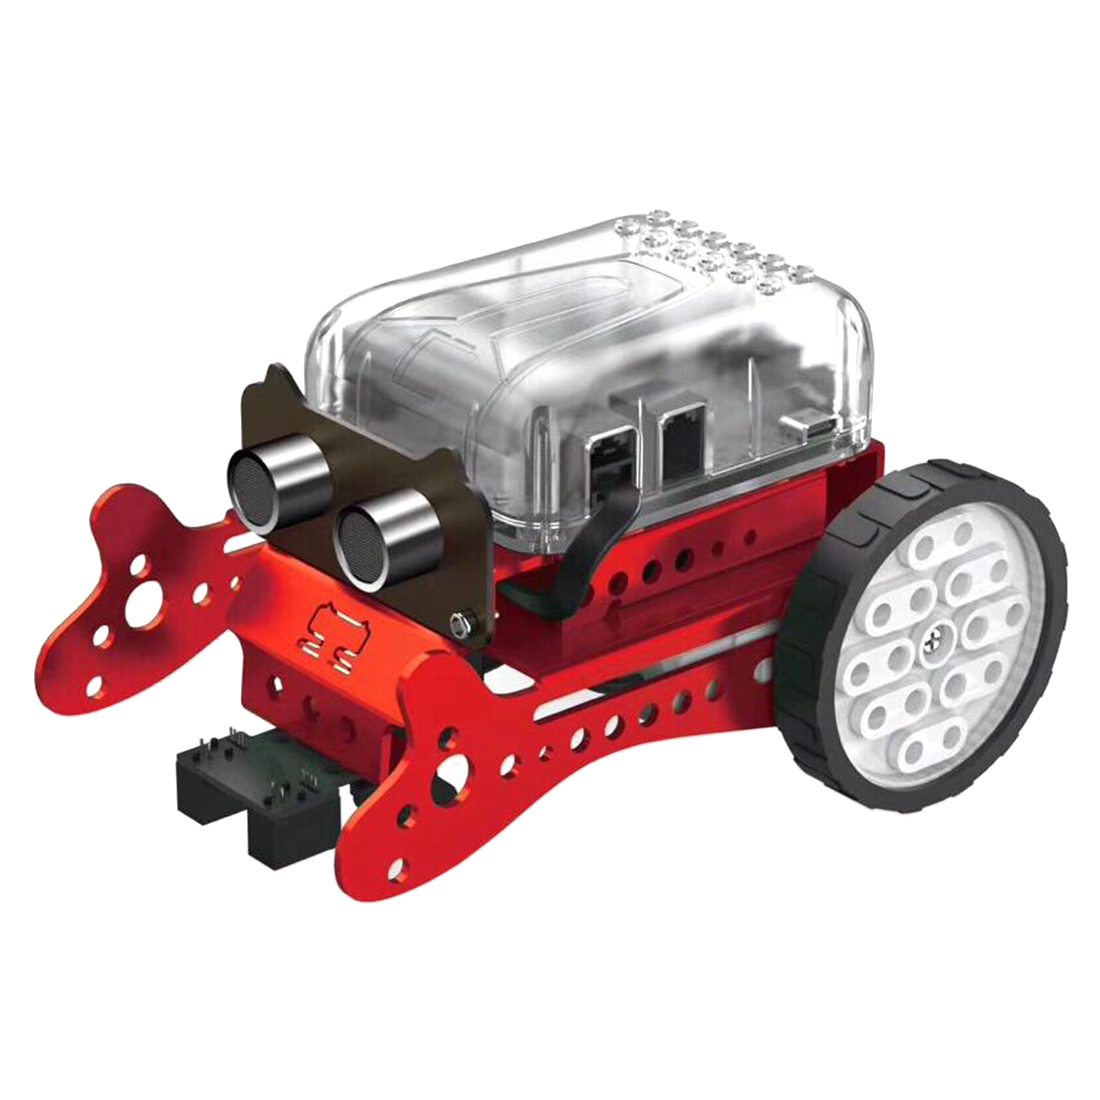 Сделай Сам Нео Программирование царапина Интеллектуальный автомобиль избегания препятствий робот набор для детей подарок игрушка модель мини умный робот-зеленый красный - Цвет: Red